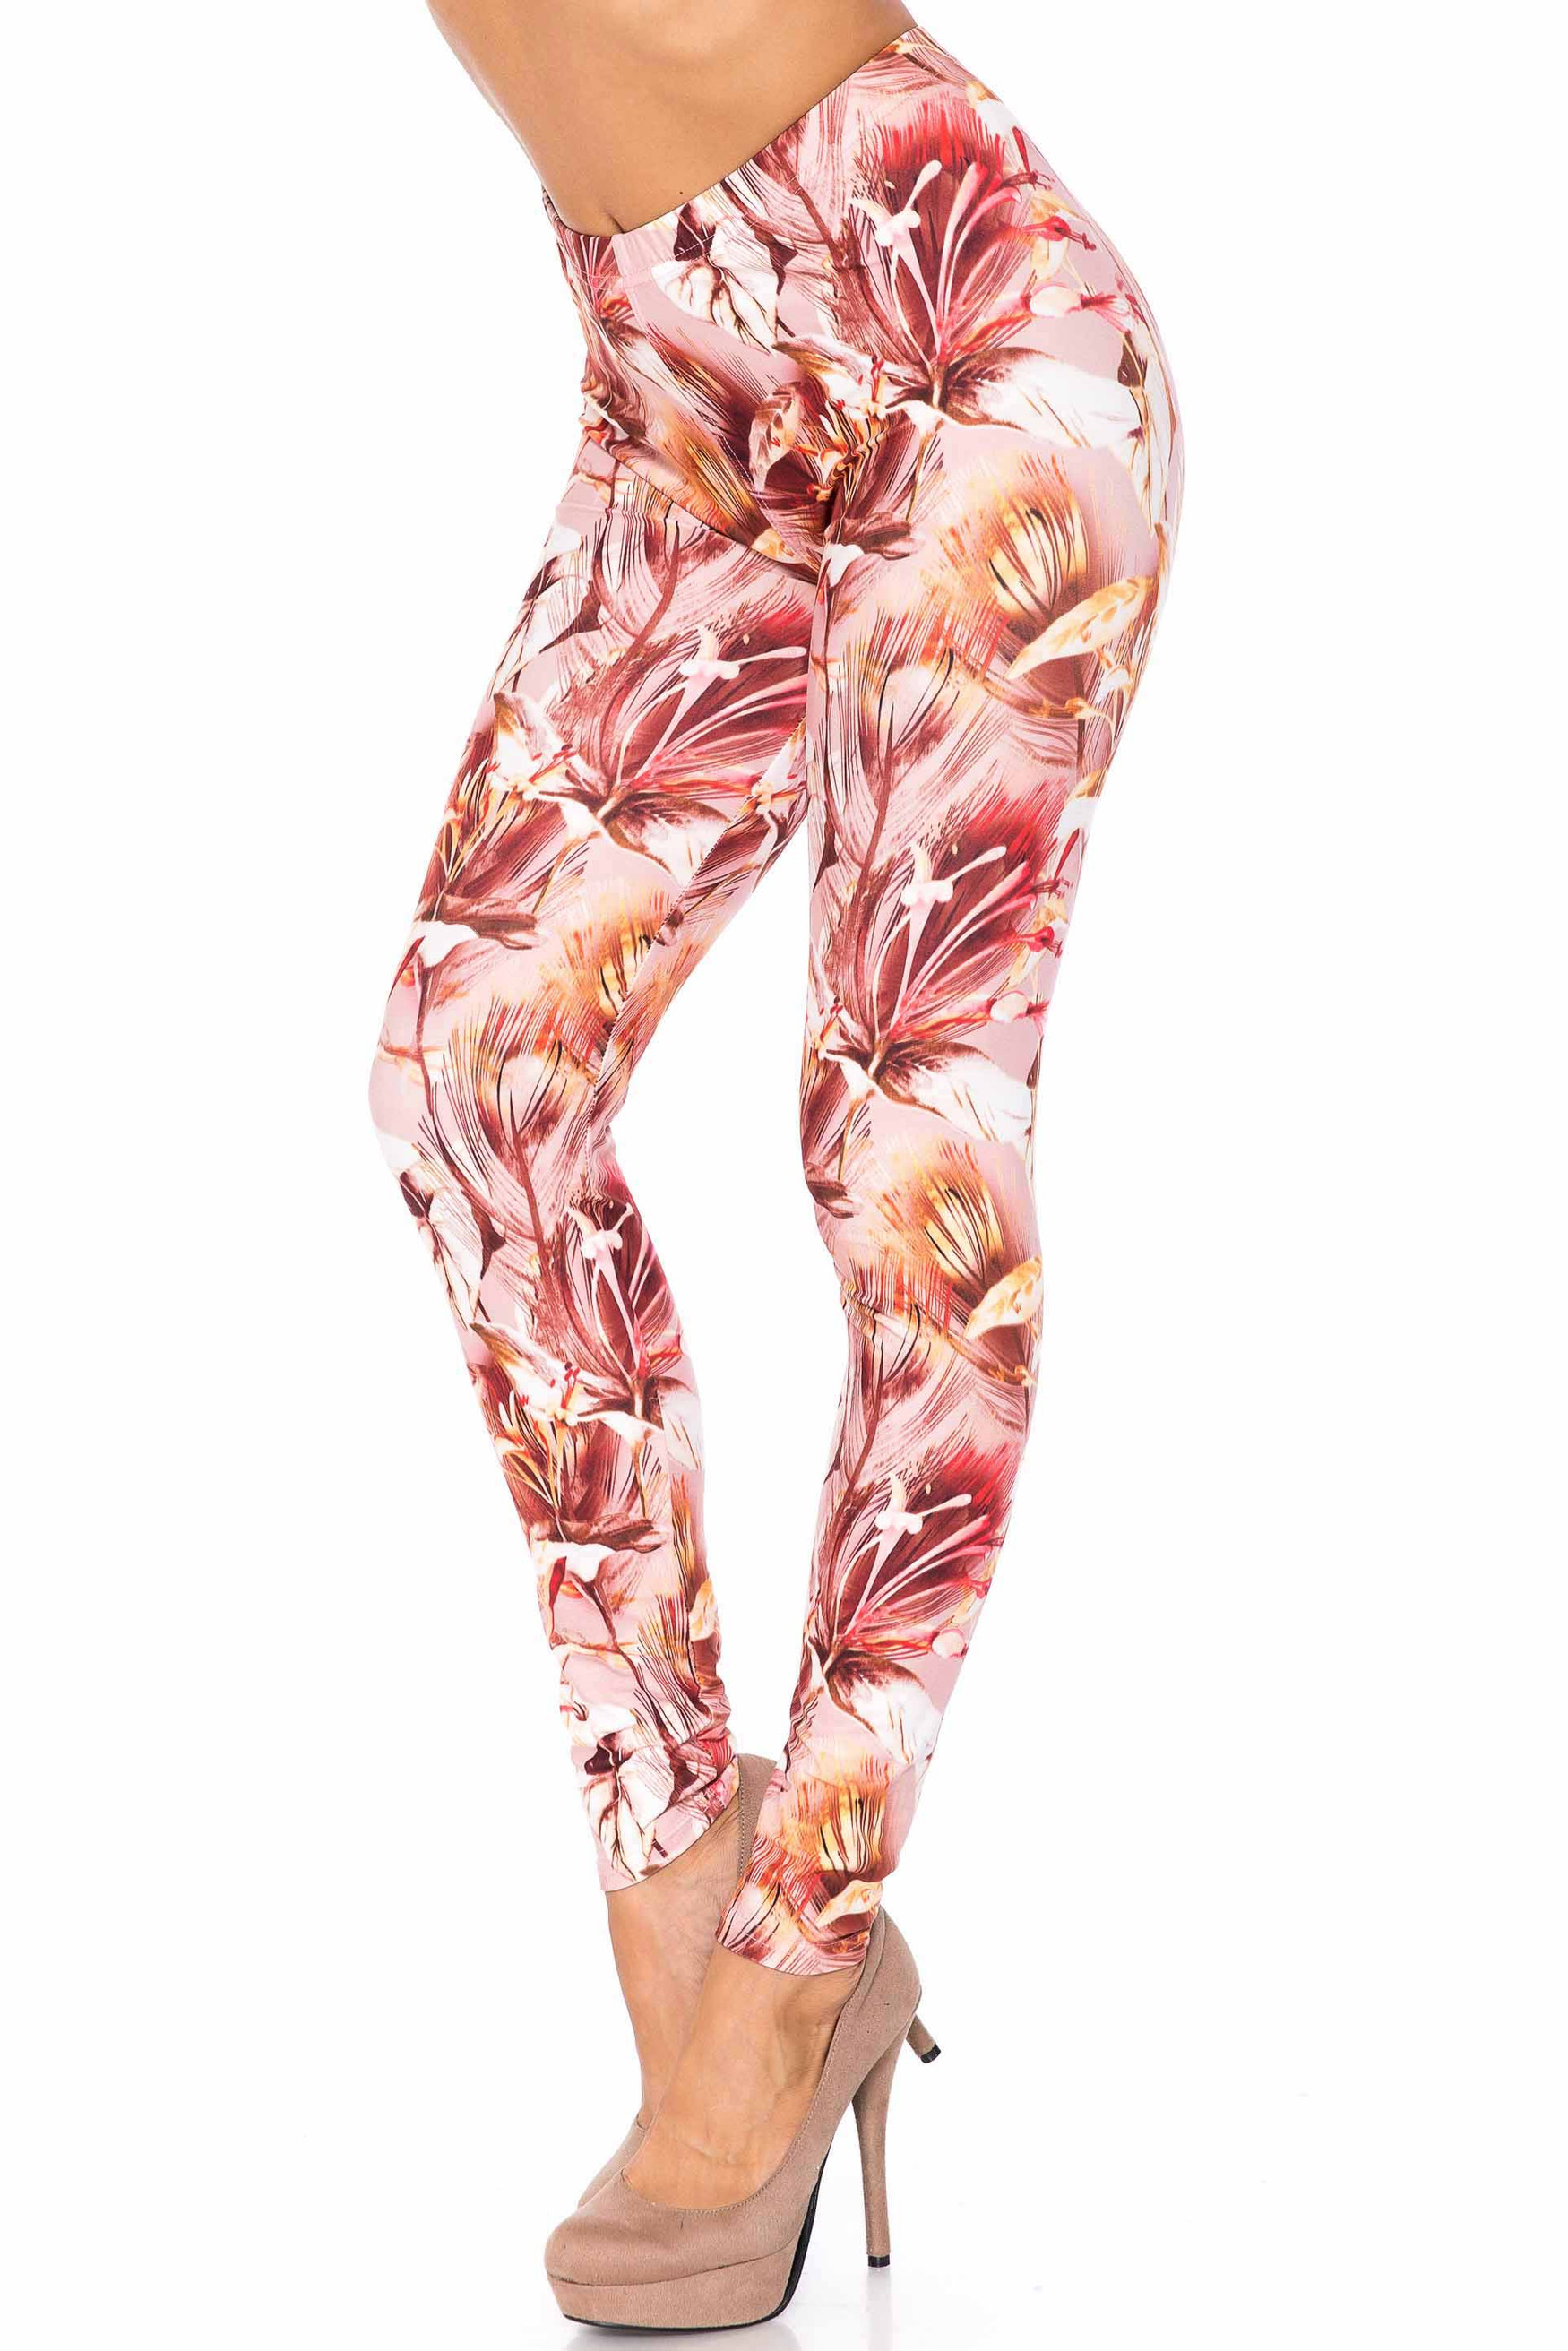 Creamy Soft Mocha Floral Leggings - USA Fashion™